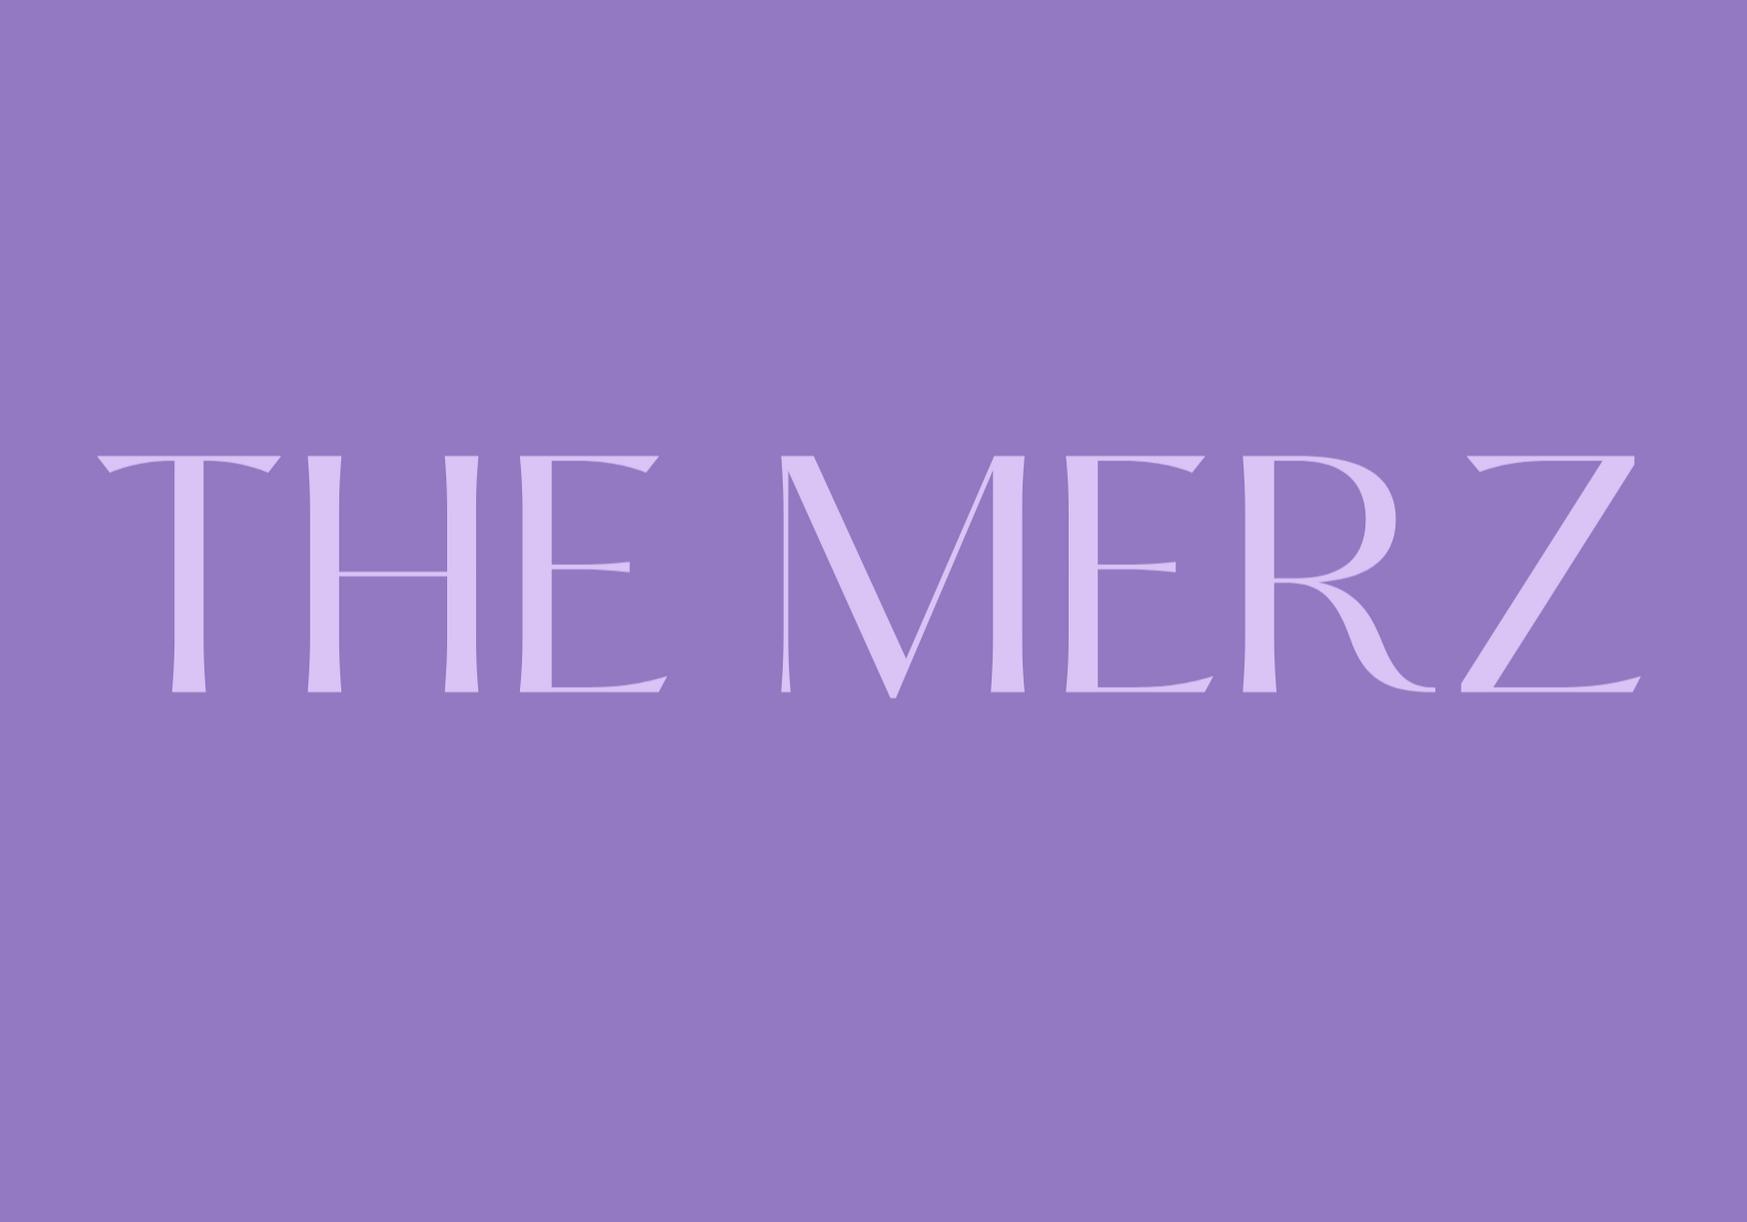 THE MERZ